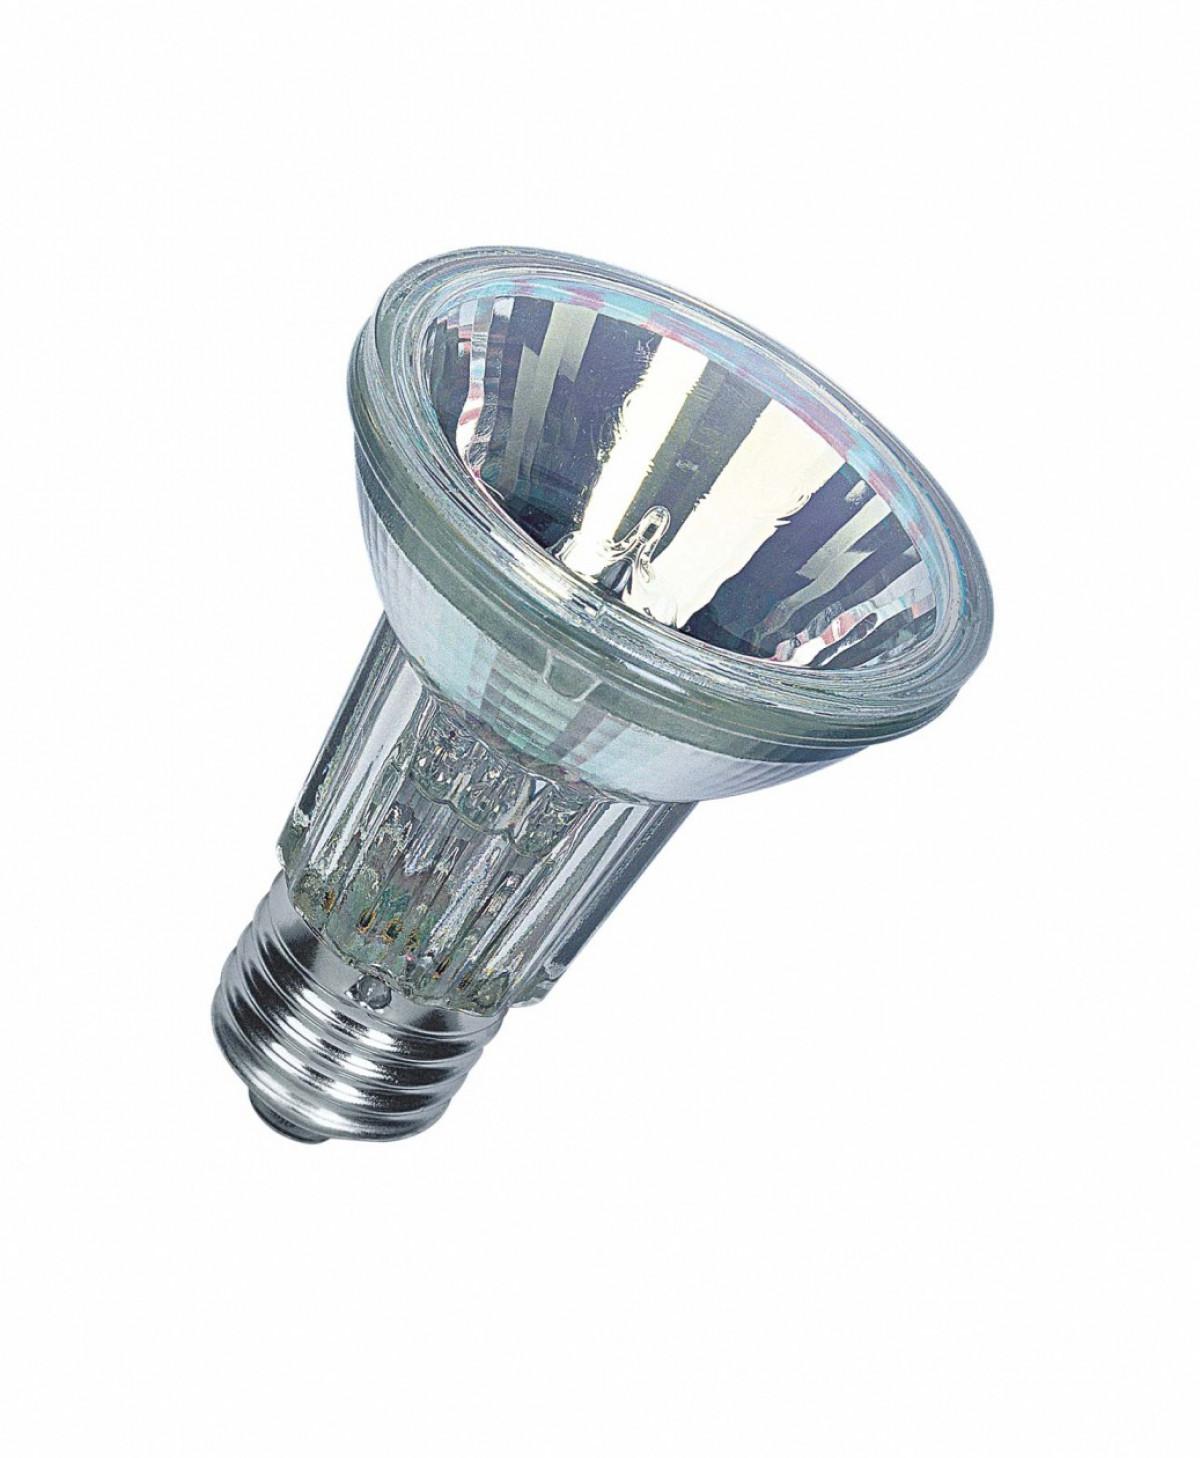 Lamp Par 20 Comum 50w Halopar 7001086